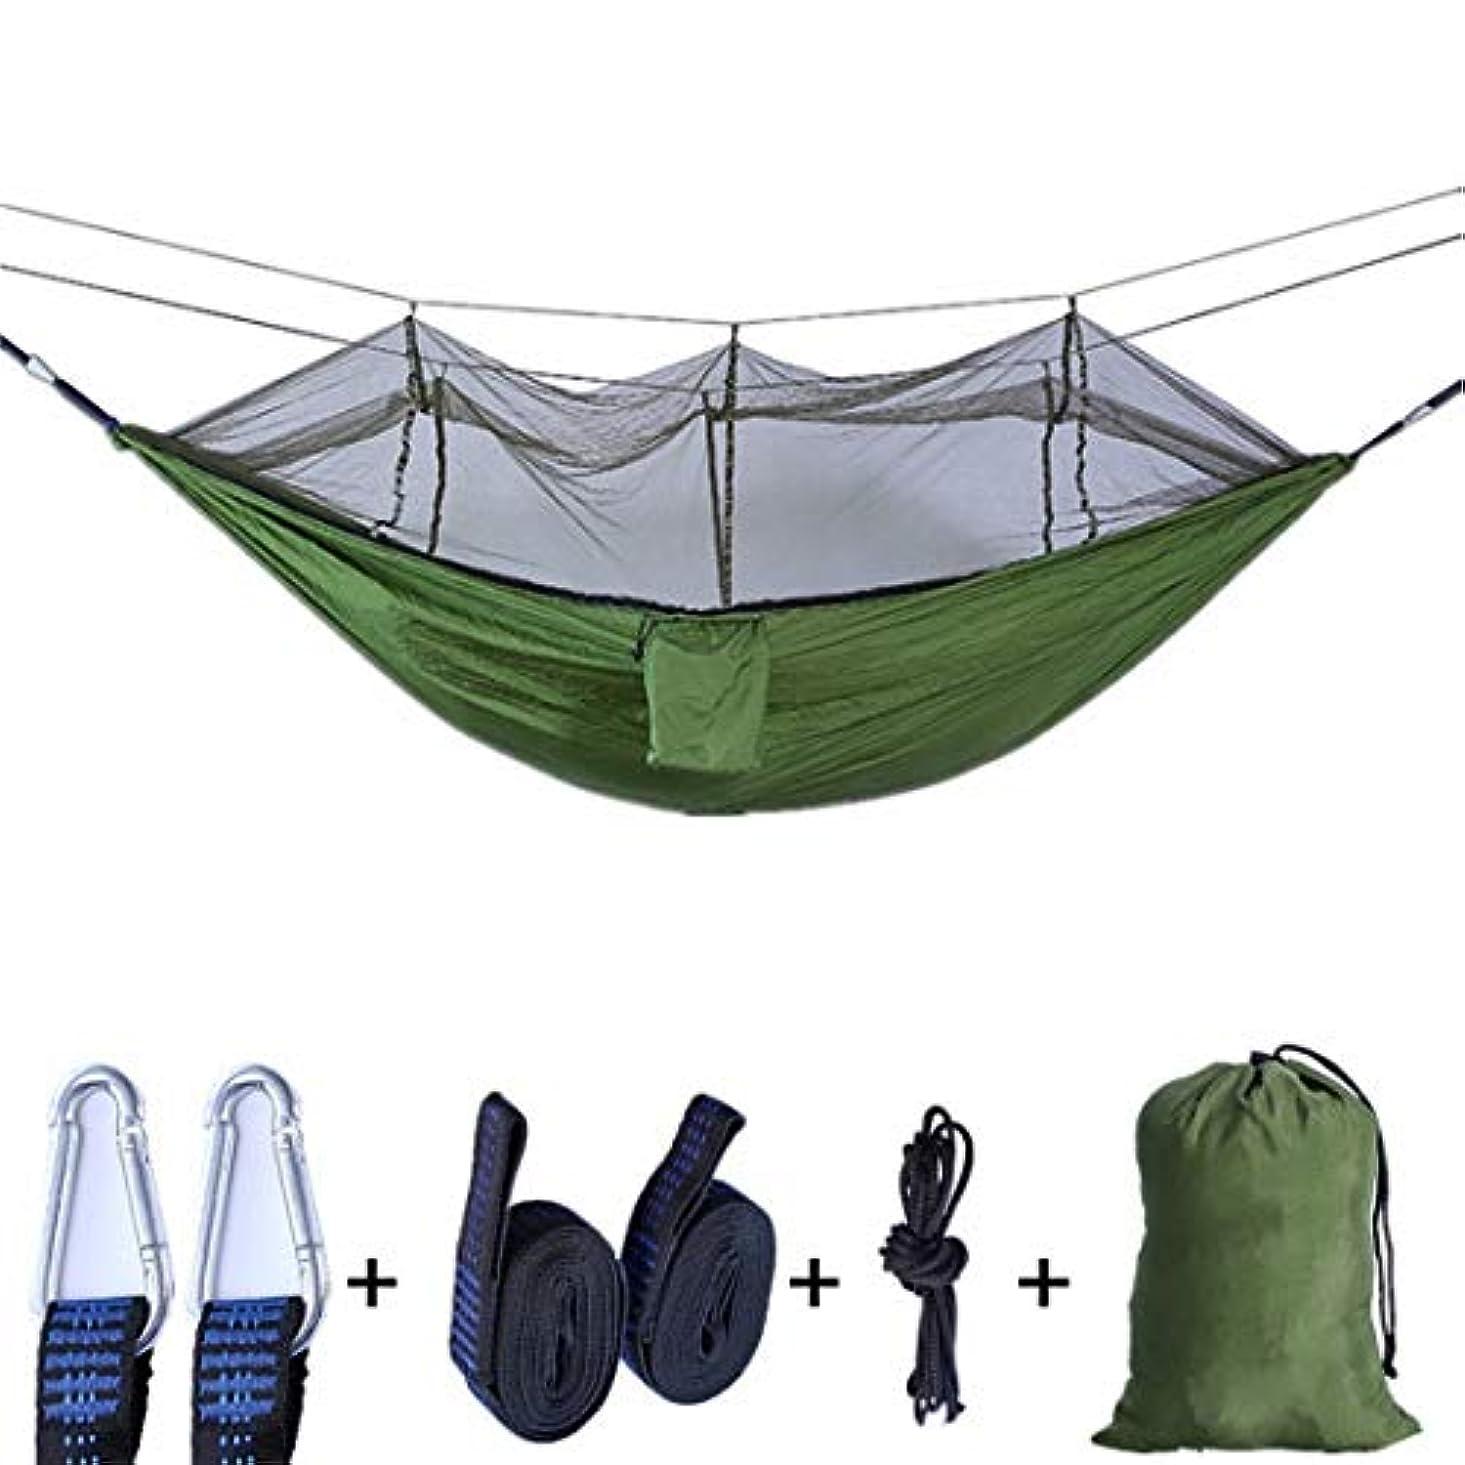 些細刺す三ALEXBIAN 蚊帳超軽量ナイロンダブルキャンプ空中テントと屋外パラシュート布ハンモック